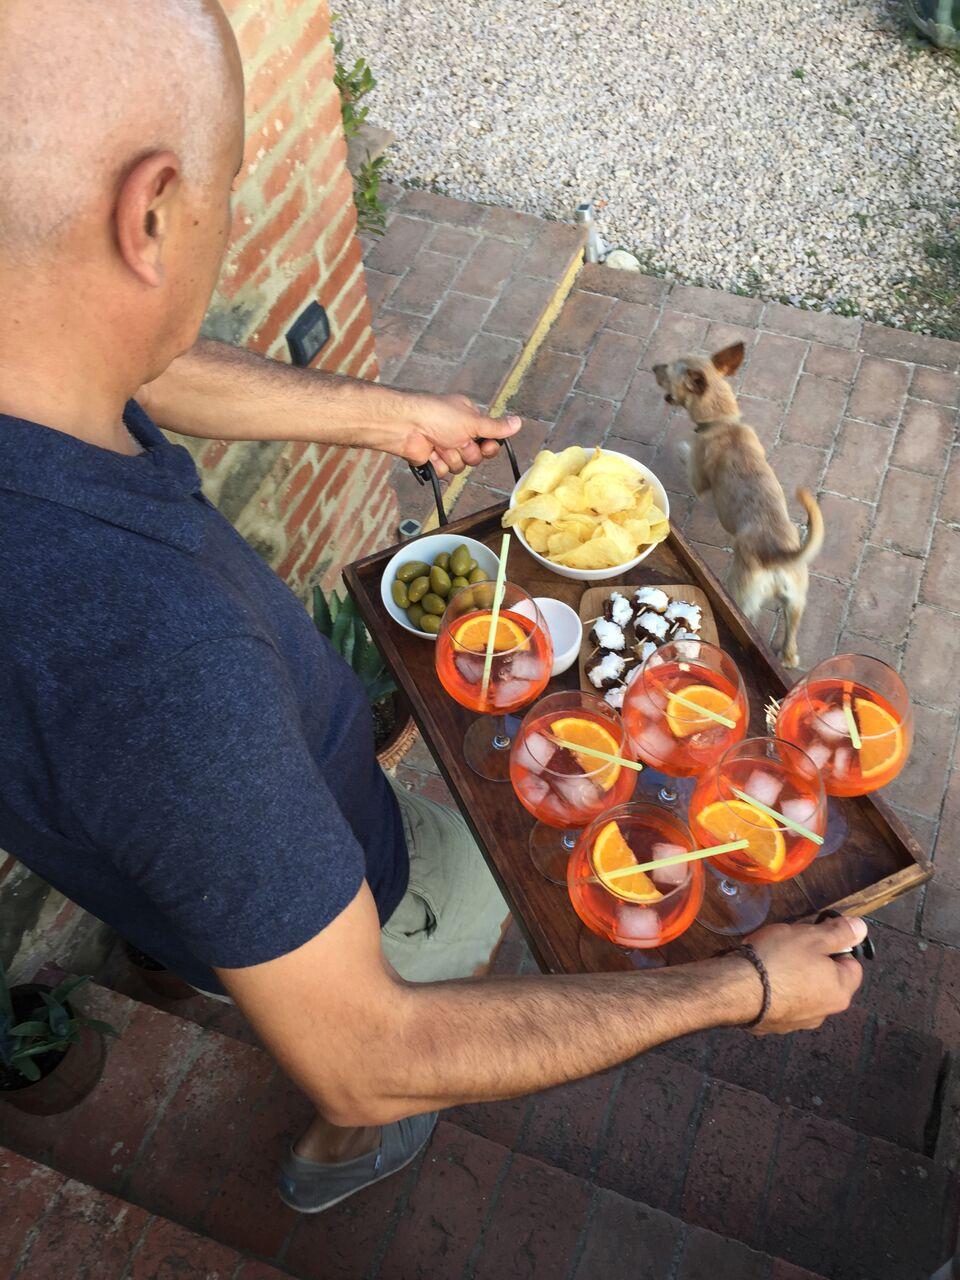 aperitivo | EAT.PRAY.MOVE Yoga Retreats | Tuscany, Italy